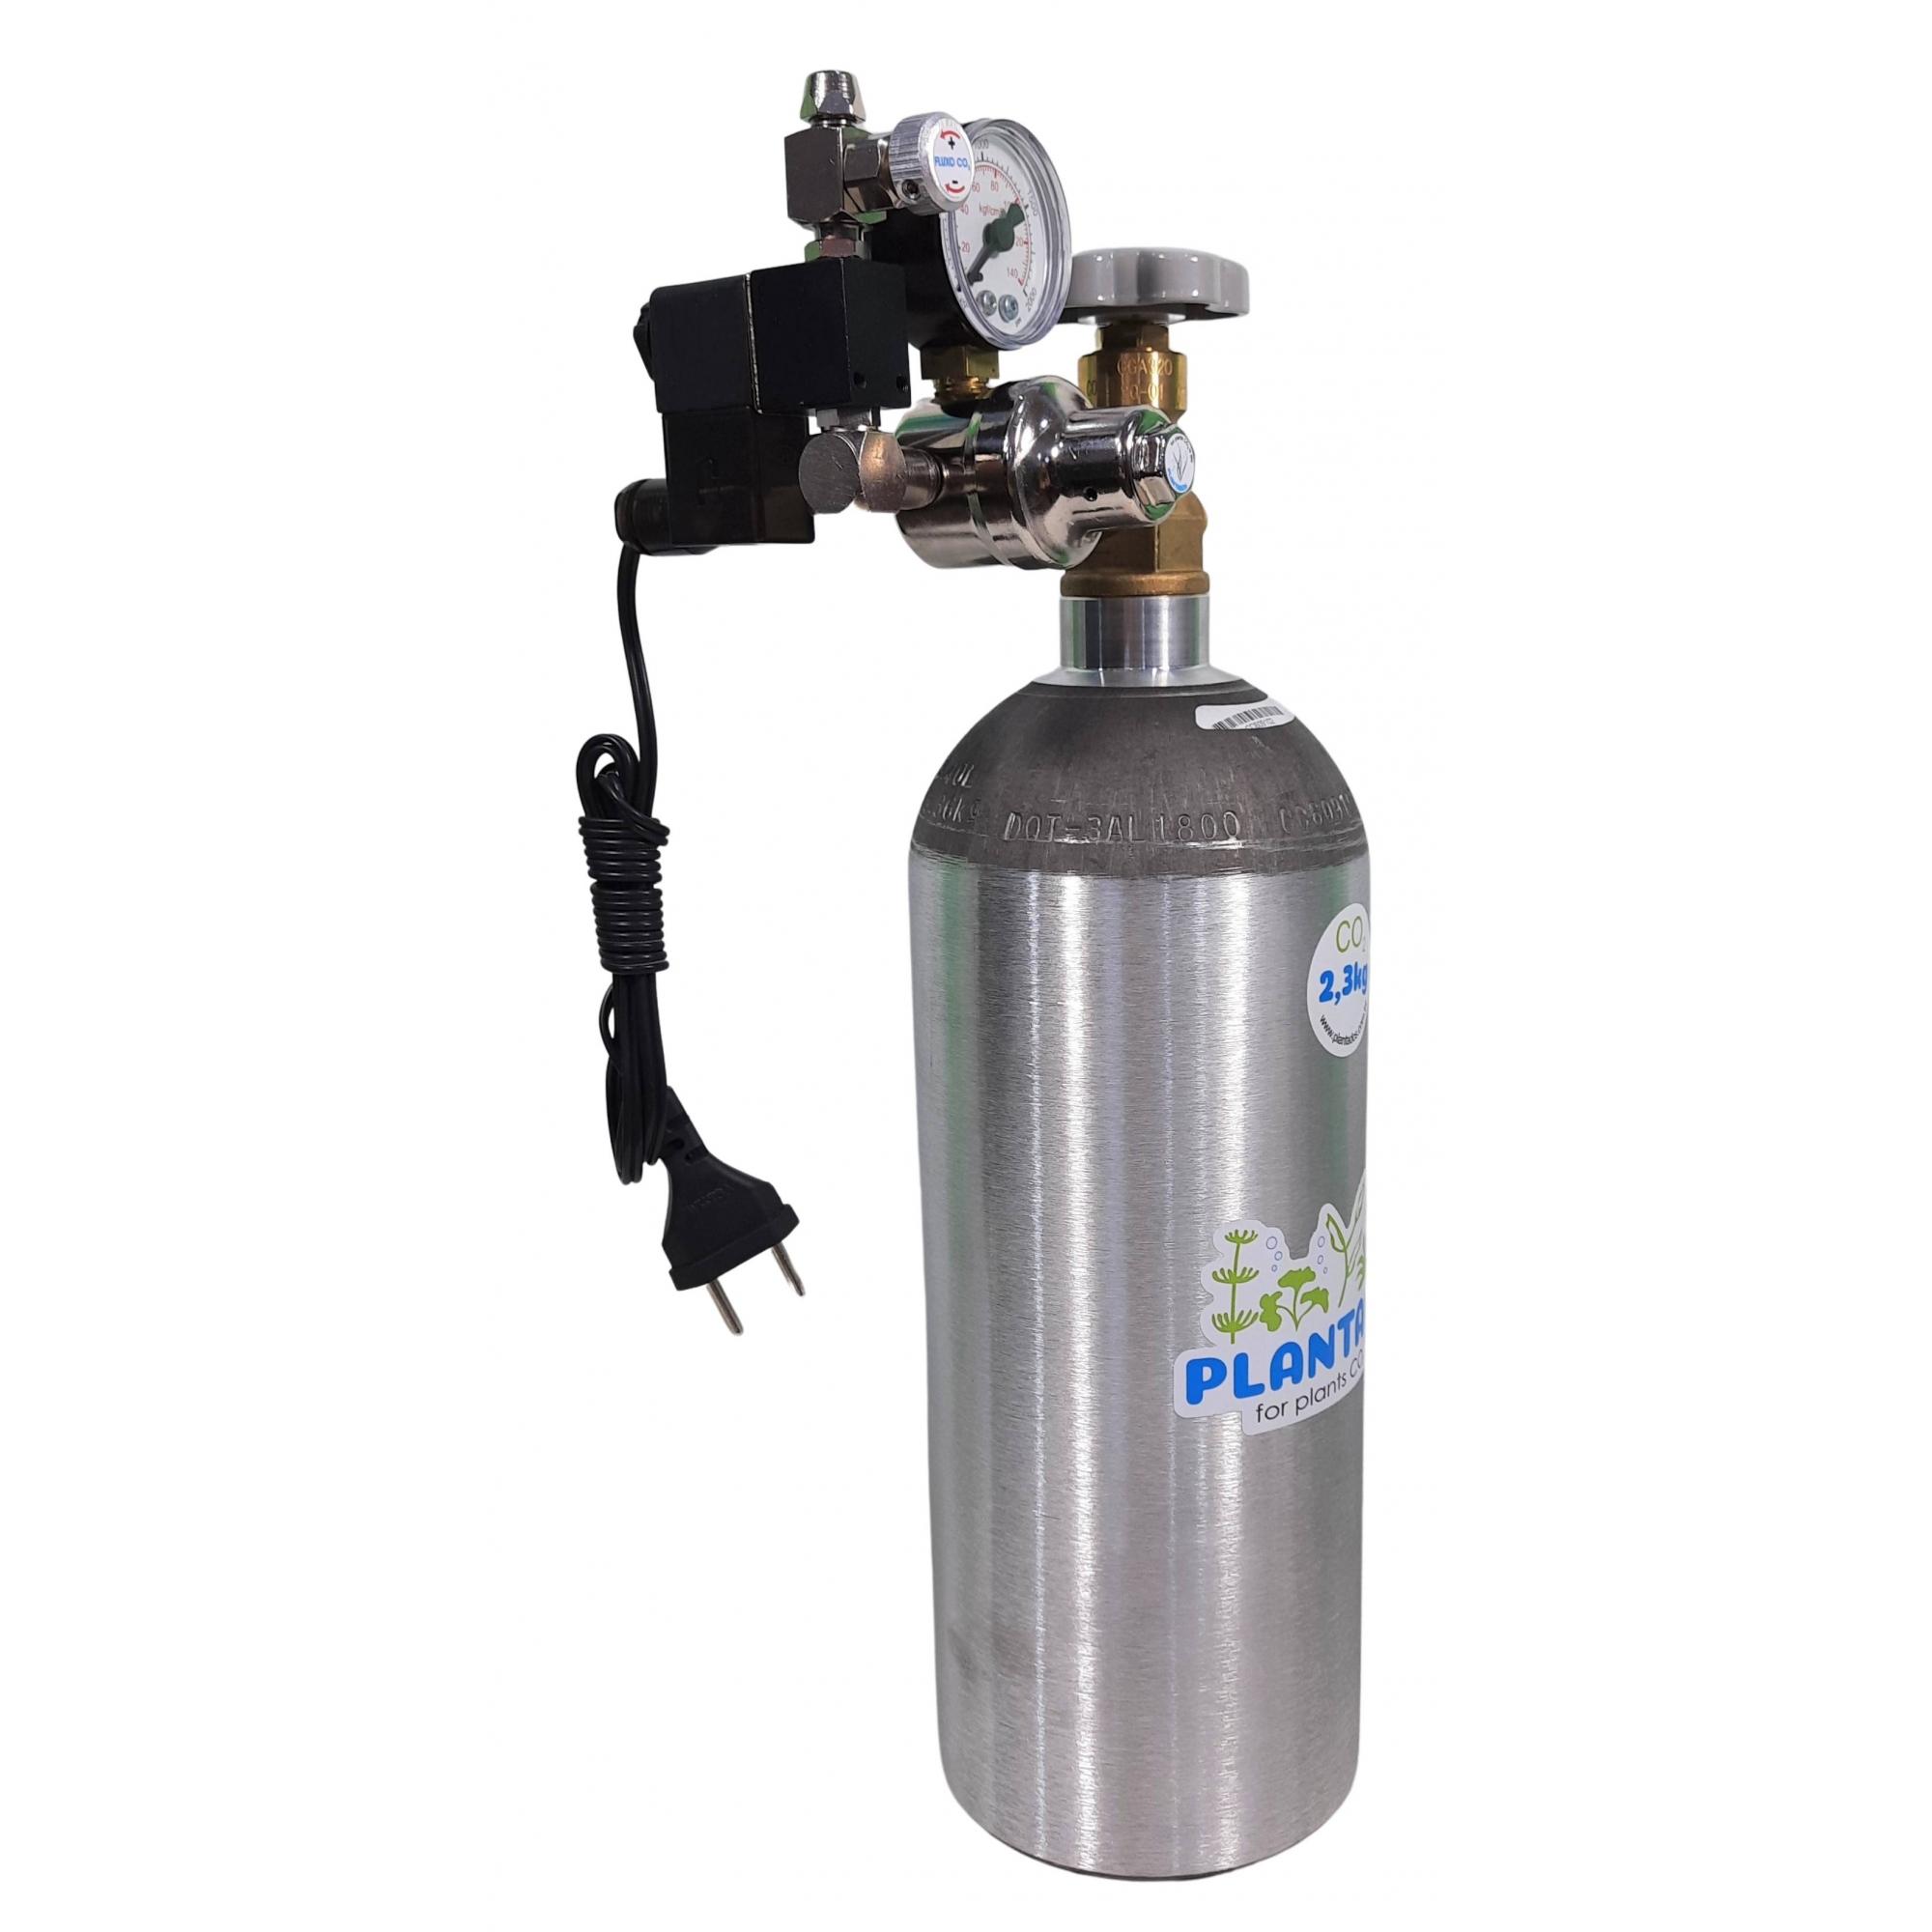 Kit CO2 c/ cilindro de alumínio 2,3kg e 1 saída p/ aquário